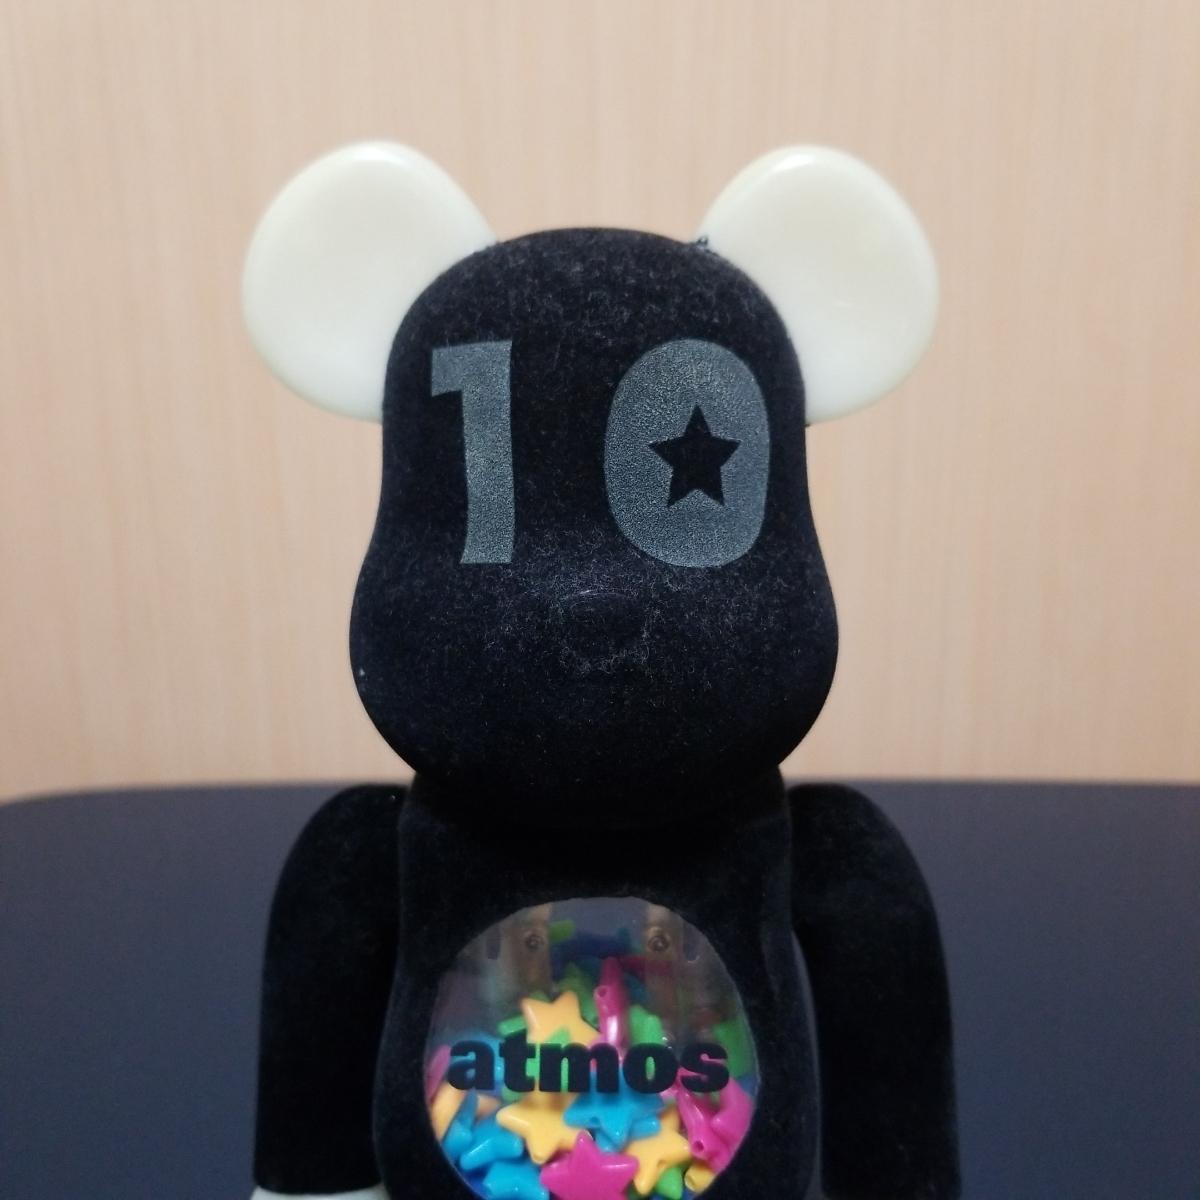 メディコムトイ BE@RBRICK ベアブリック アトモス atmos 10周年記念モデル 400% フロッキー 蓄光_画像2